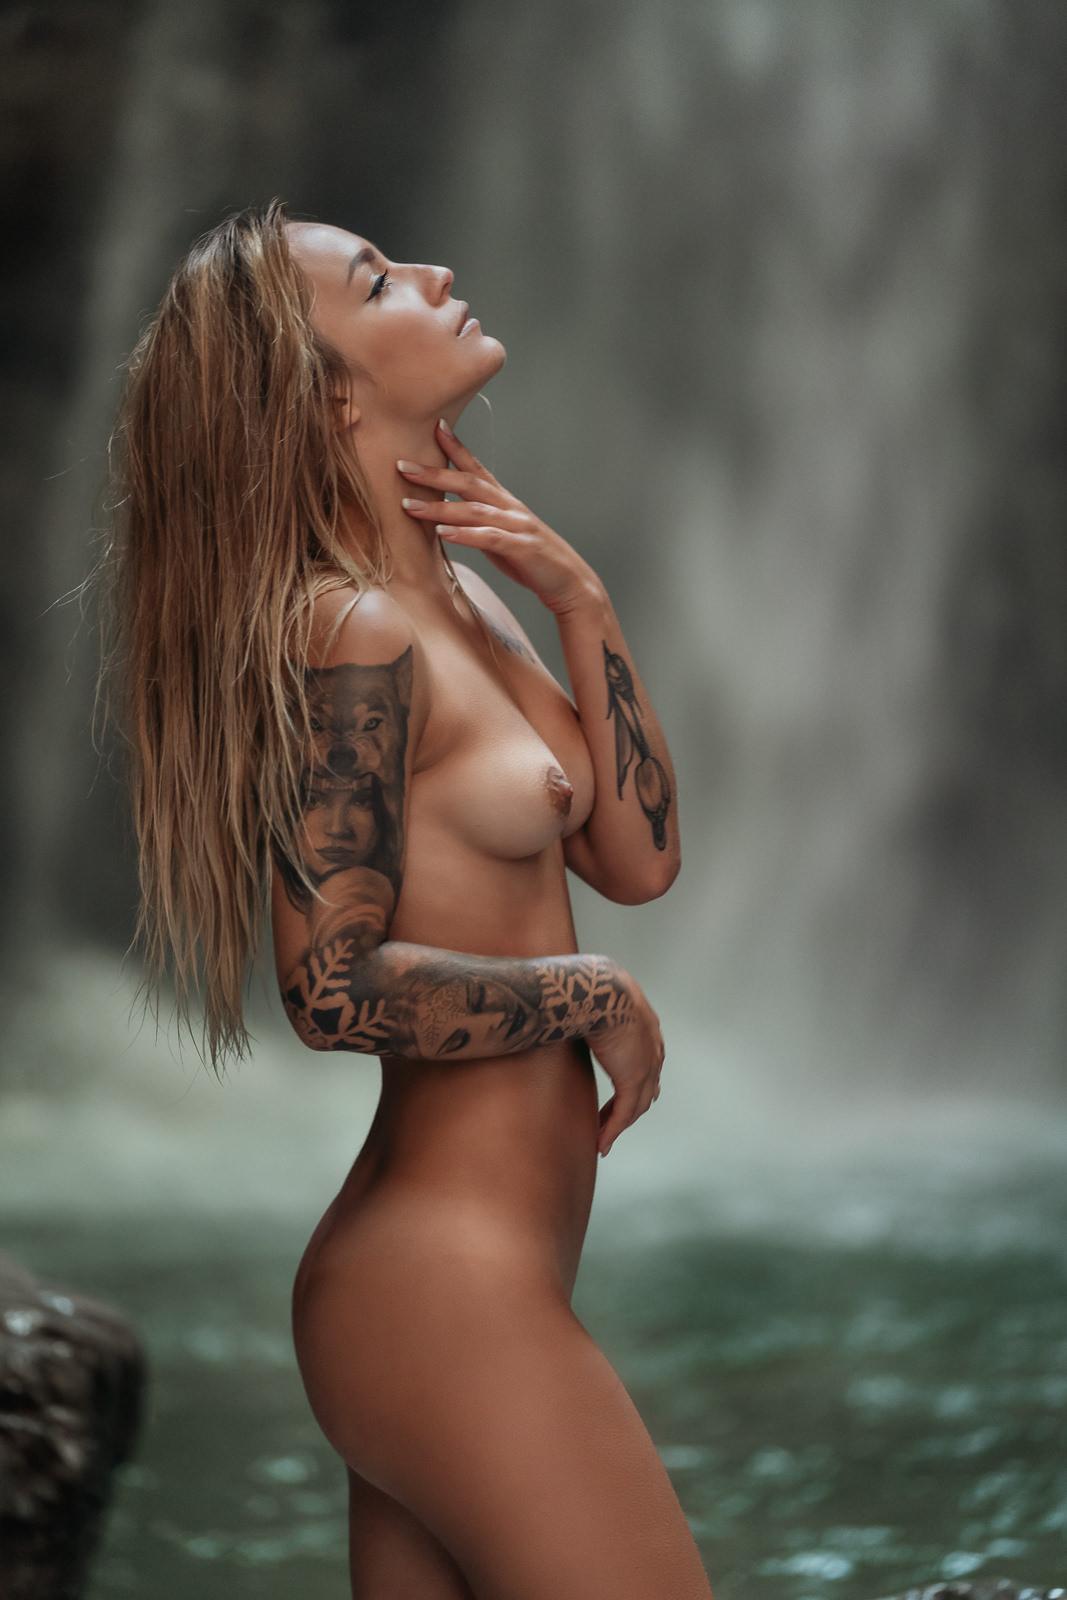 Erica Vignola - Nico Ruffato photoshoot